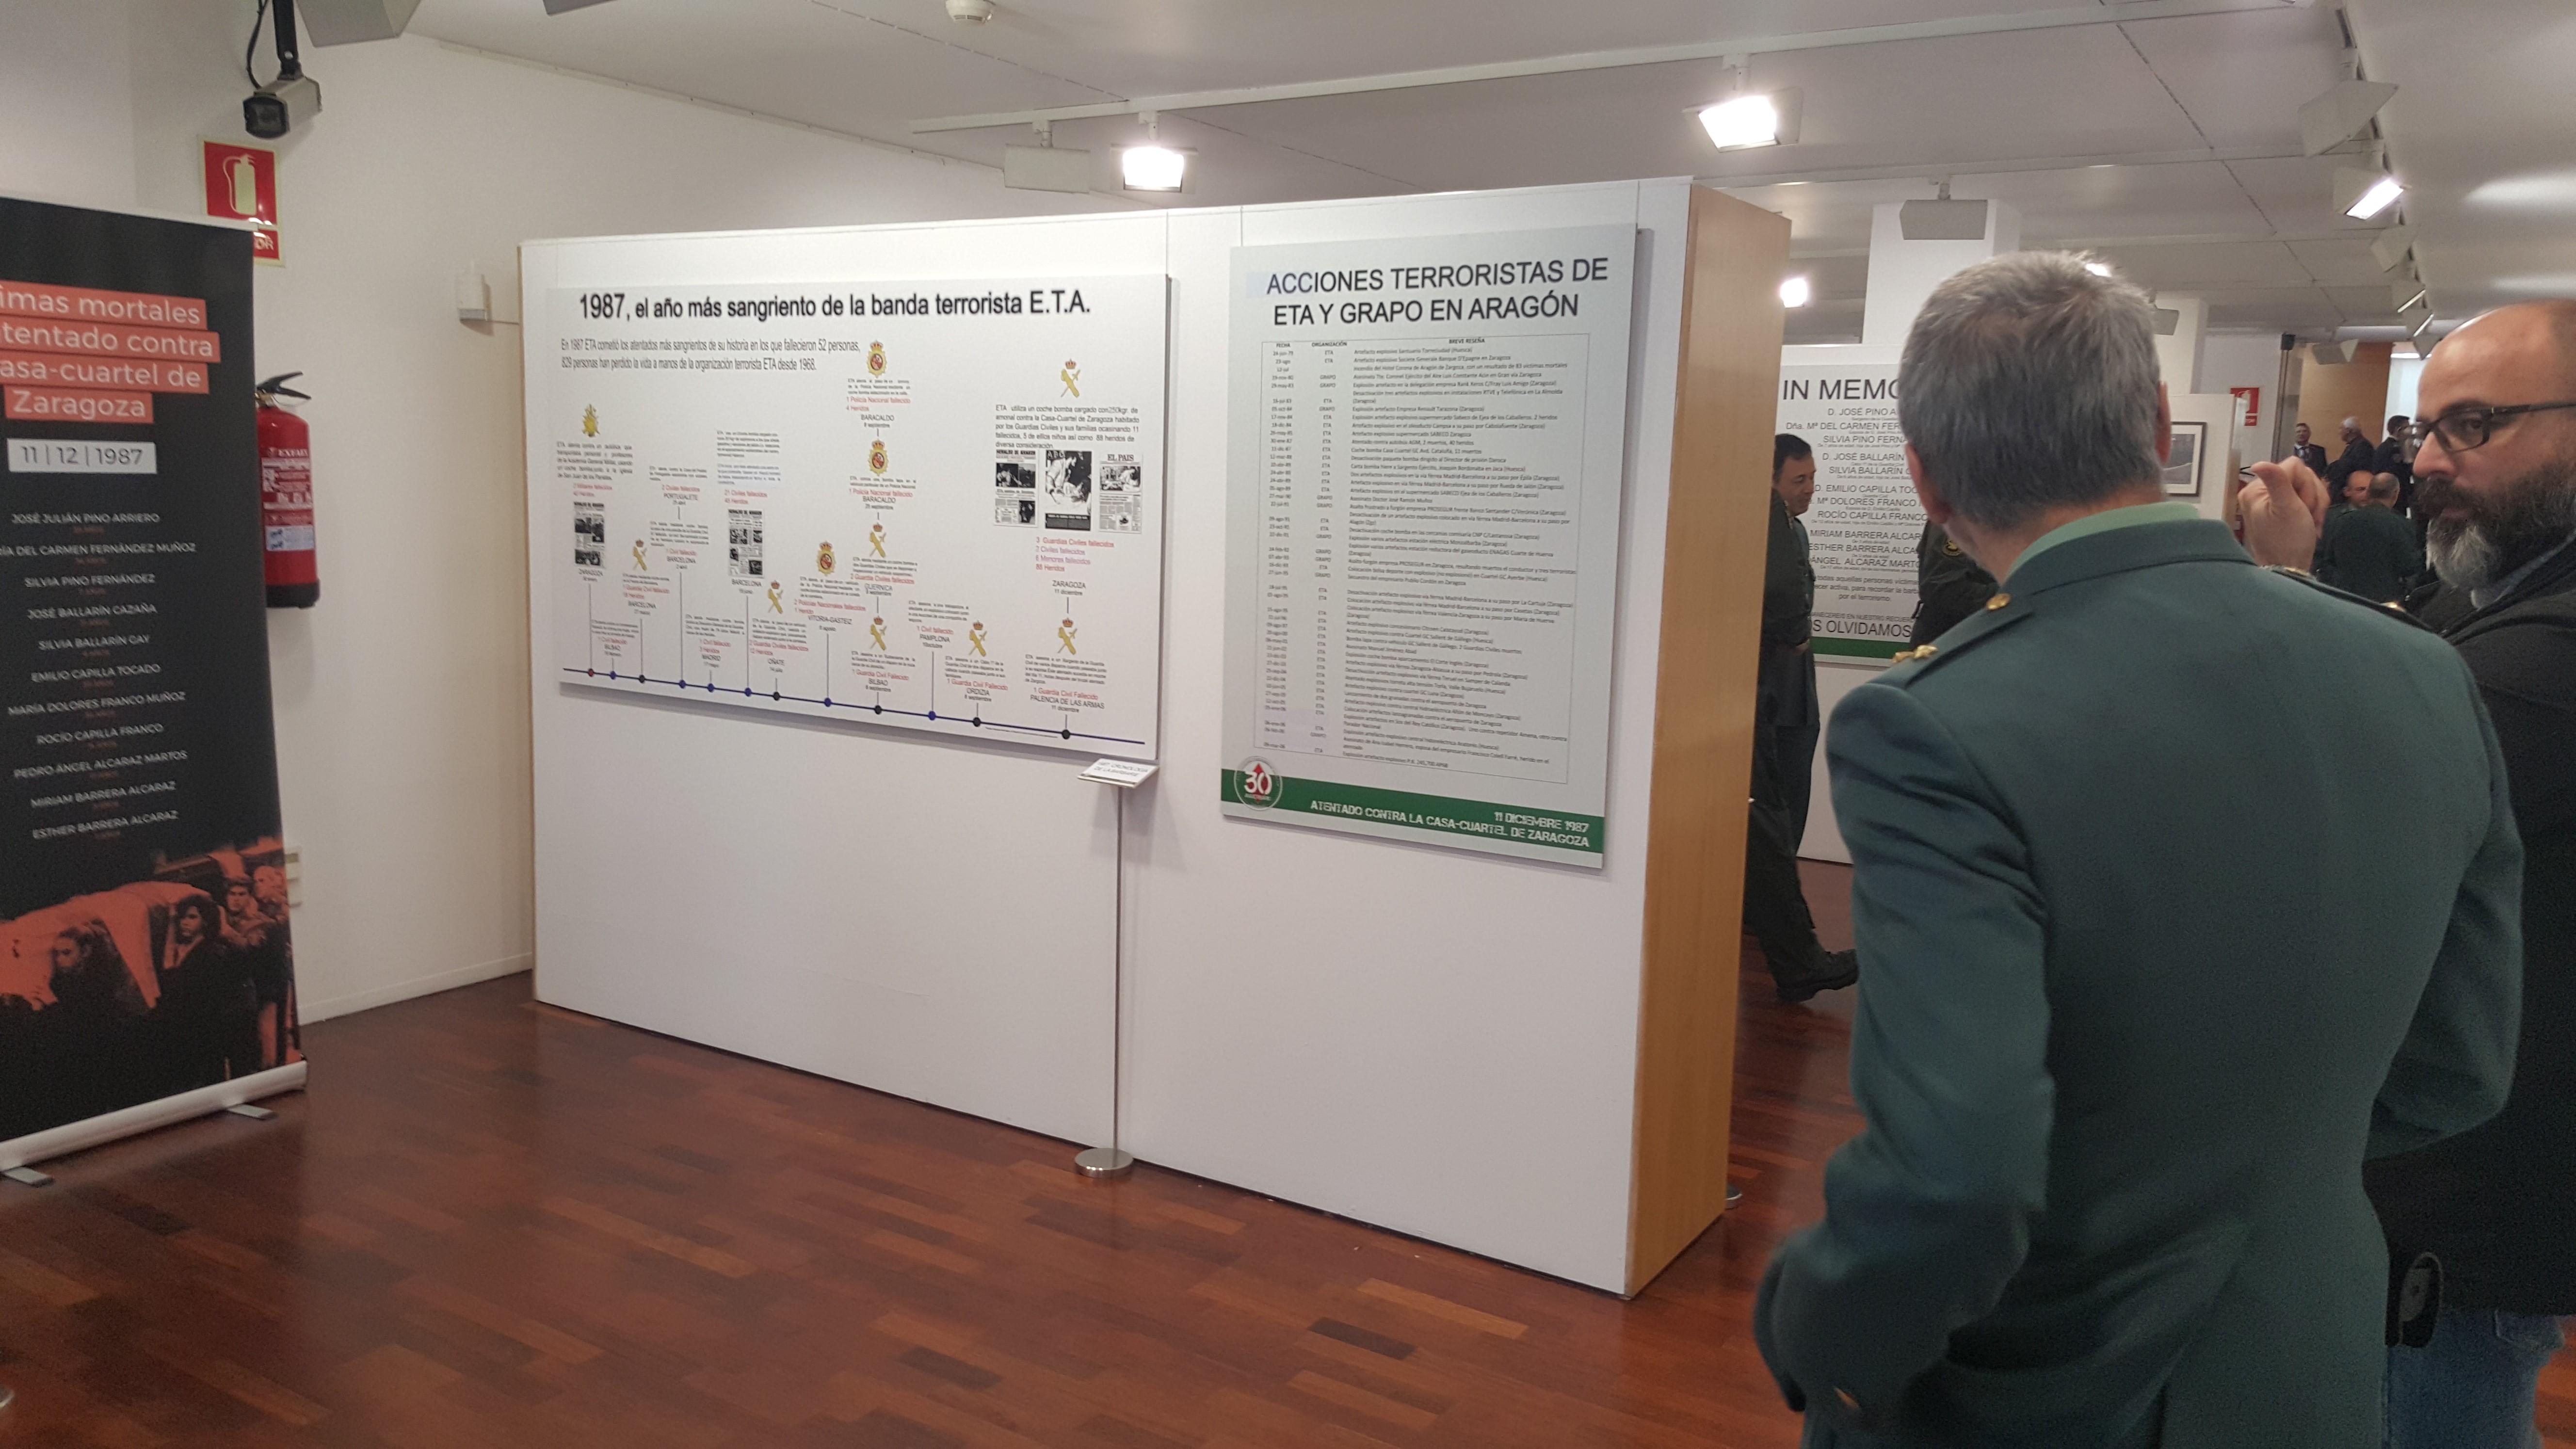 Inauguración En Huesca De La Exposición Sobre El Atentado De La Casa-cuartel De Zaragoza